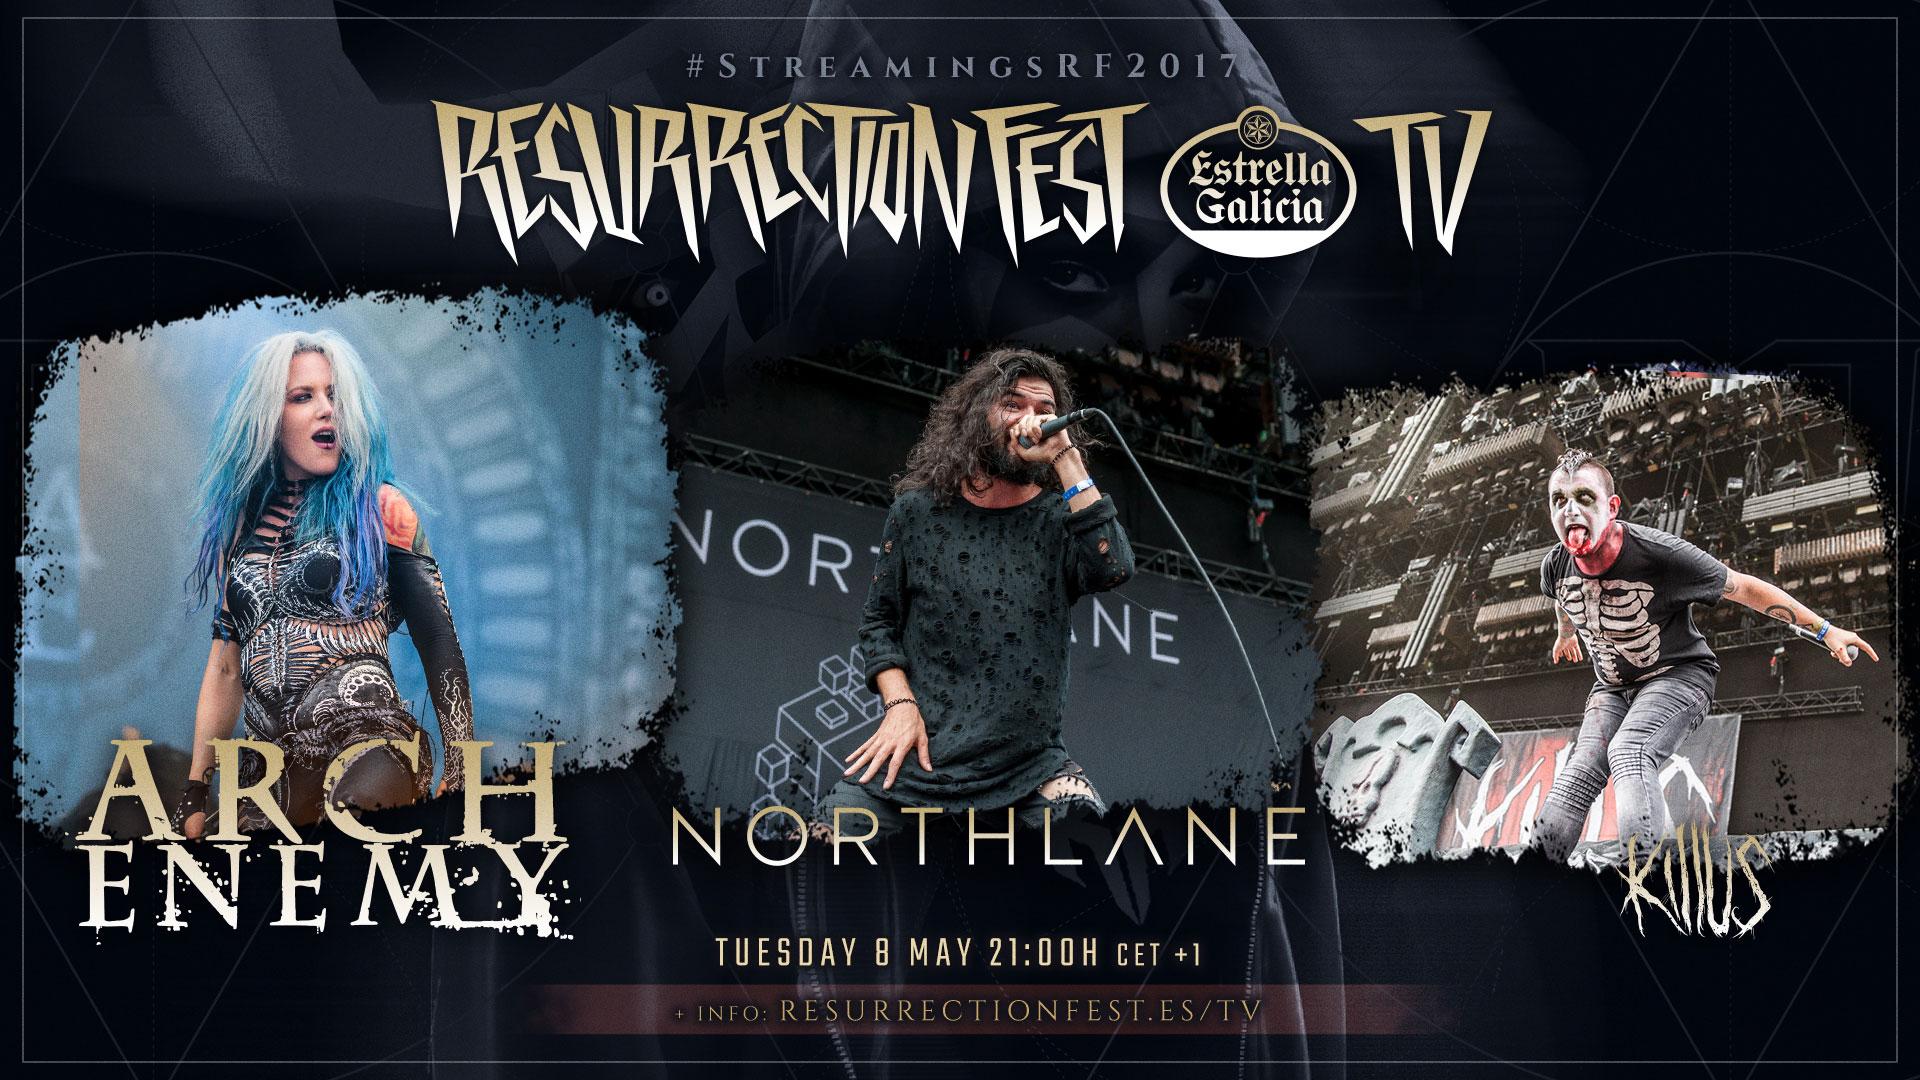 Emisión de conciertos del Resurrection Fest 2017 en diferido